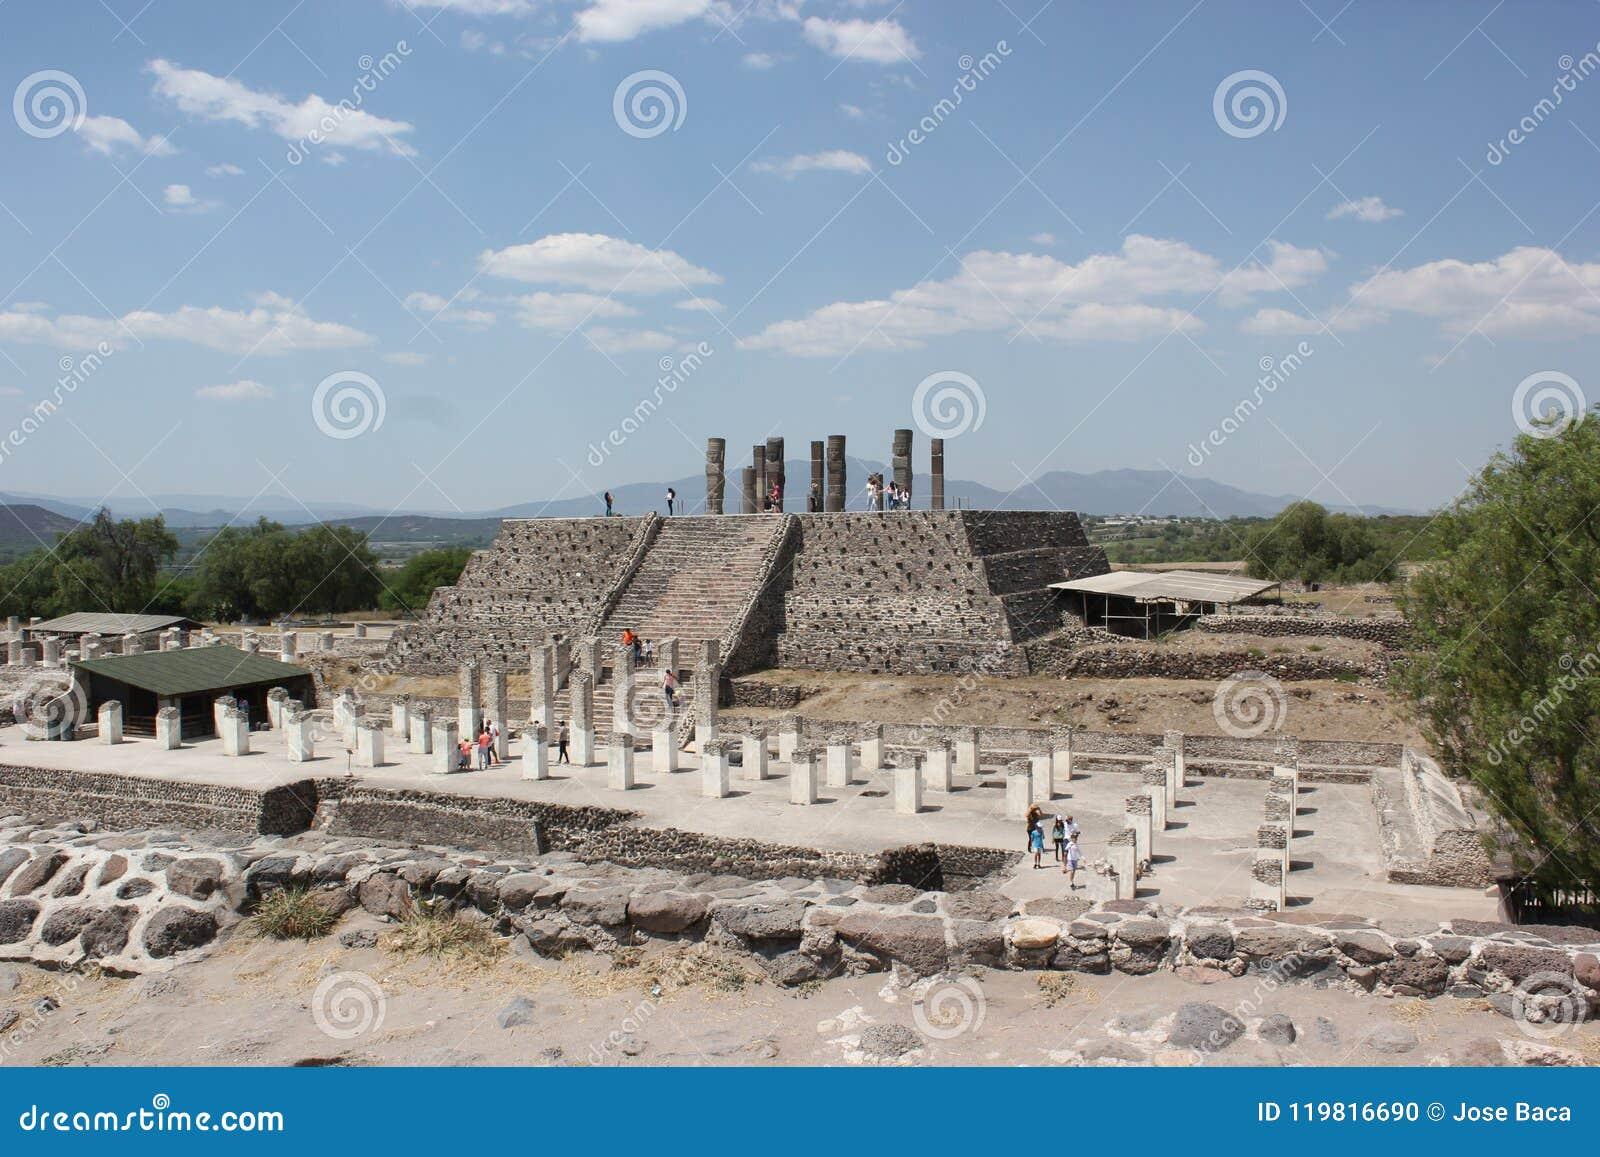 Tula Site Pyramid B ou pirâmide de Quetzalcoatl